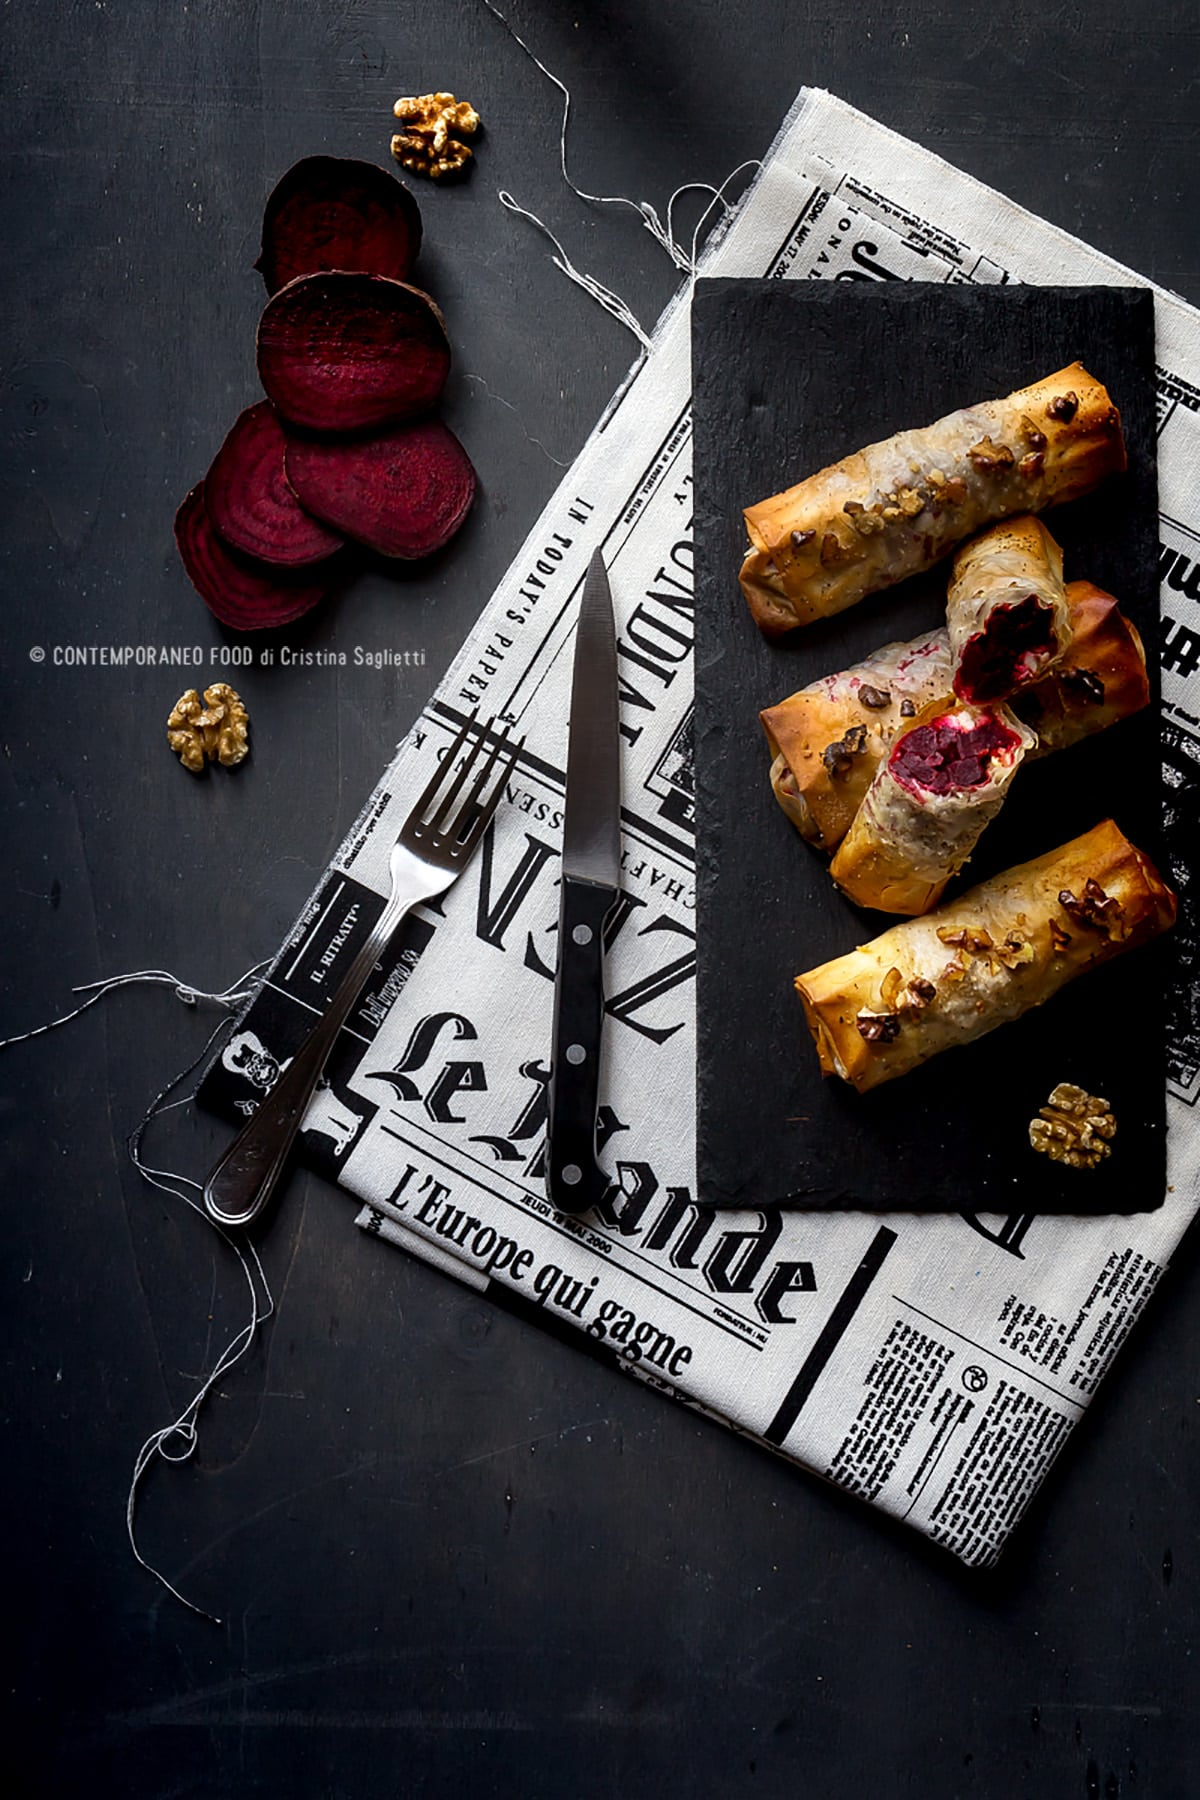 fagottini-di-pasta-phillo-barbabietola-feta-greca-noci-ricetta-facile-veloce-contemporaneo-food